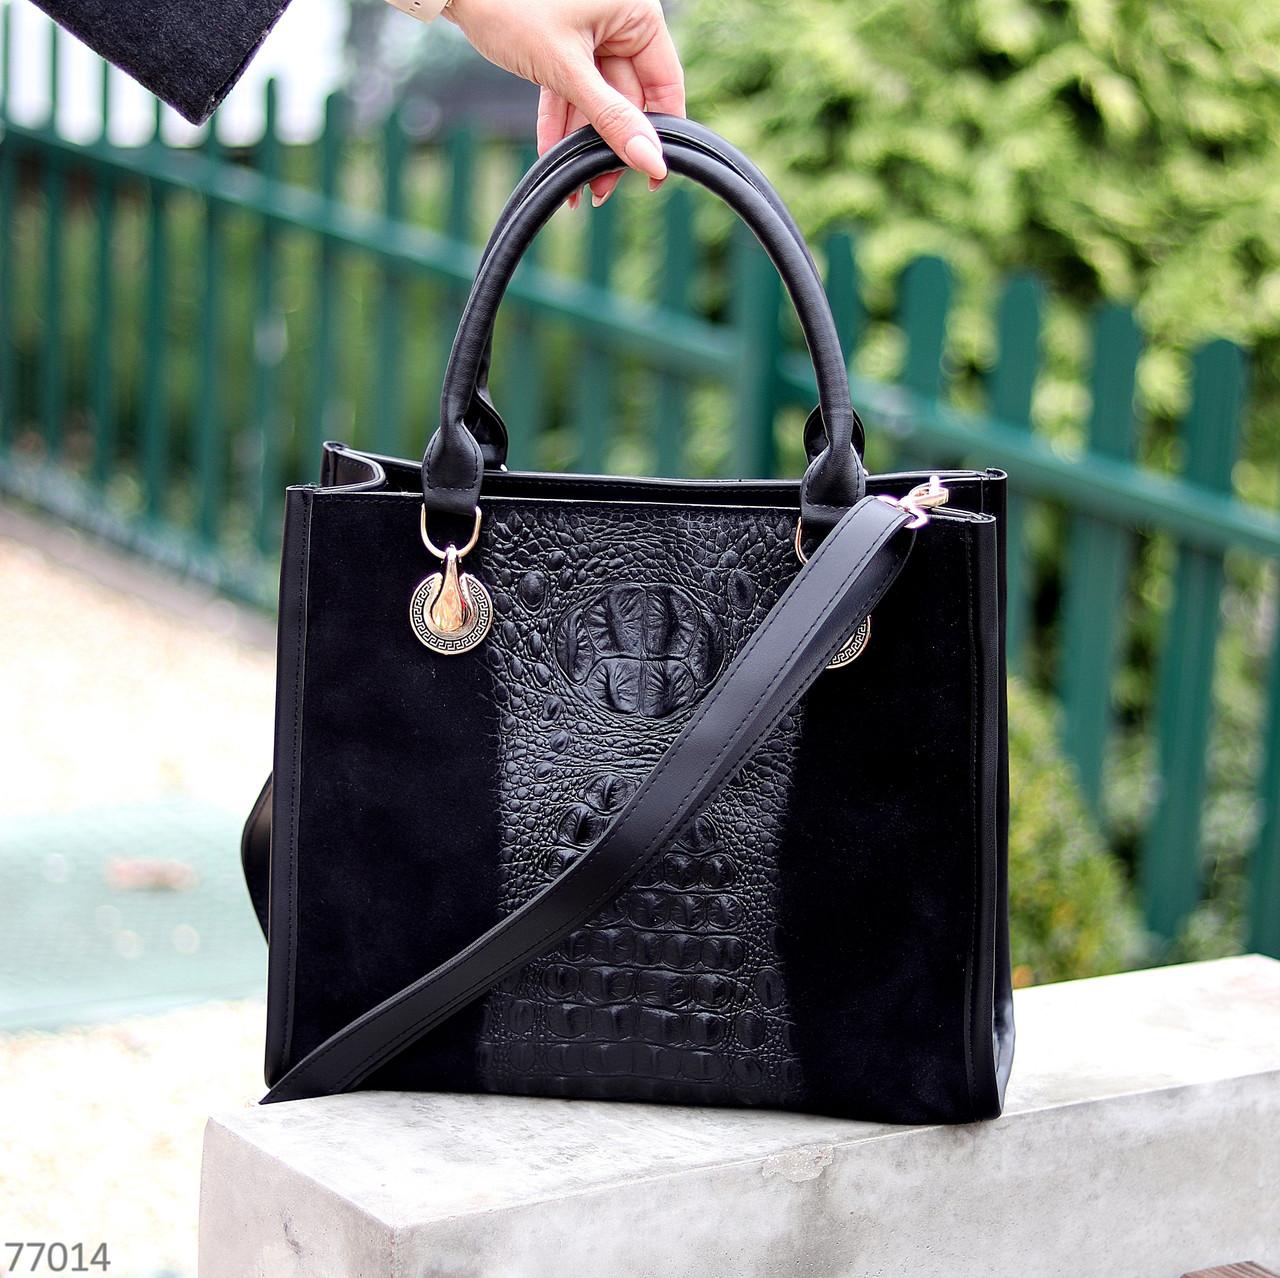 Модная черная фактурная квадратная замшевая женская сумка натуральная замша